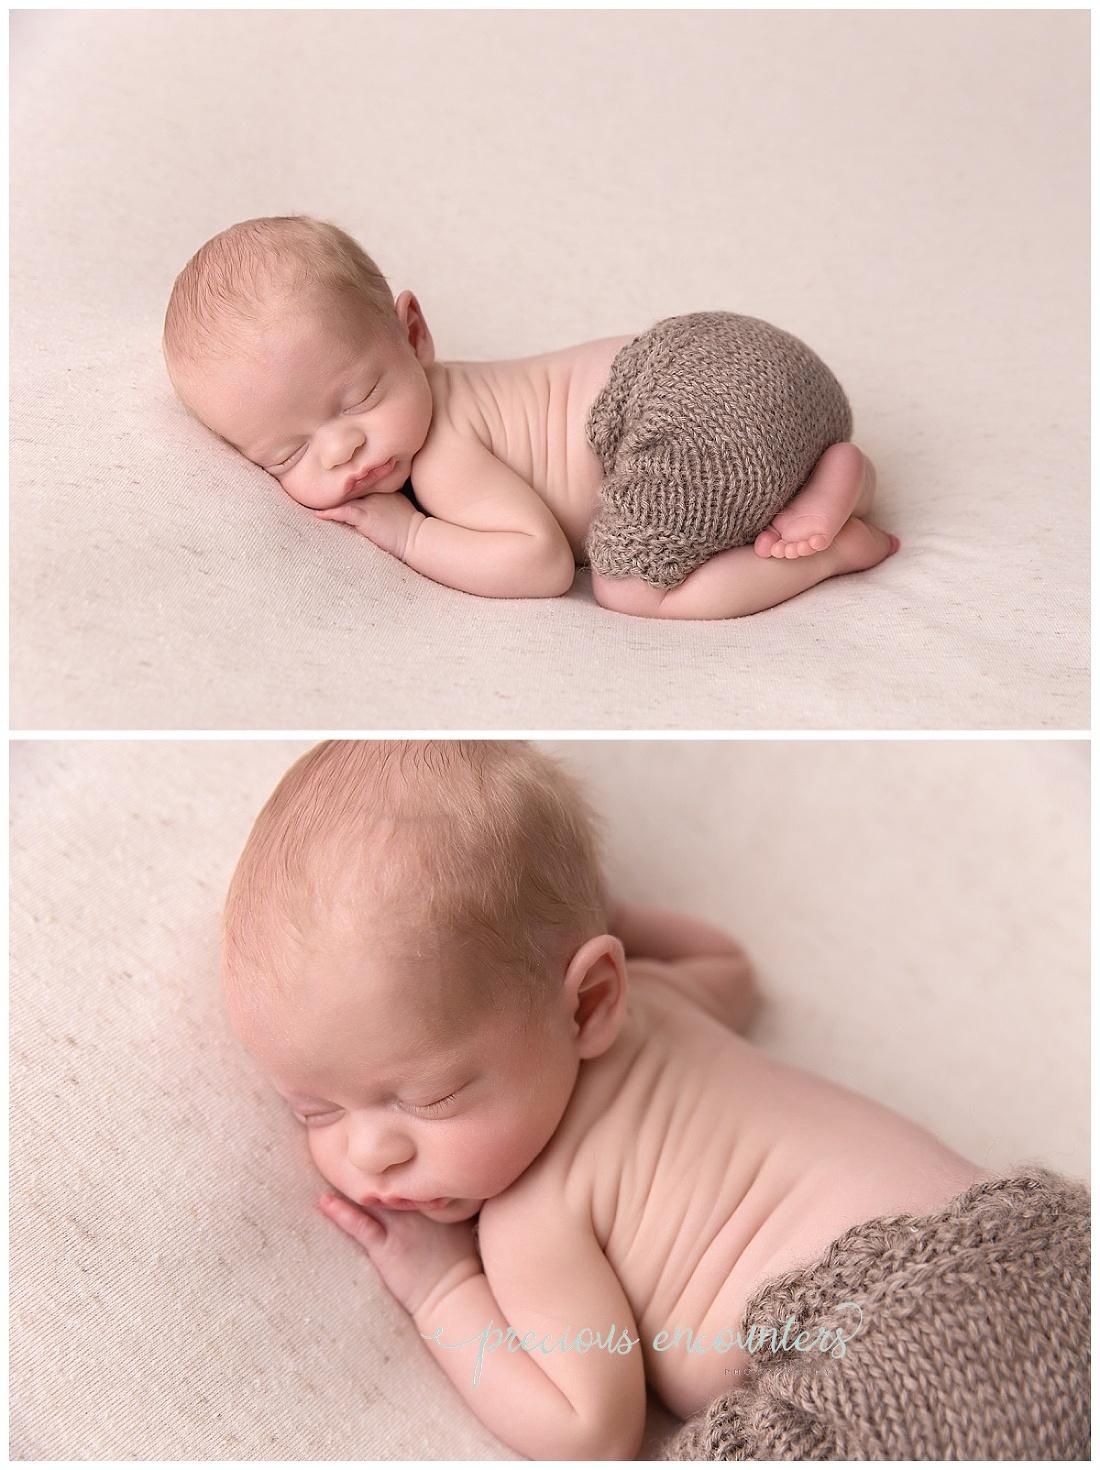 newborn, poses, triplets